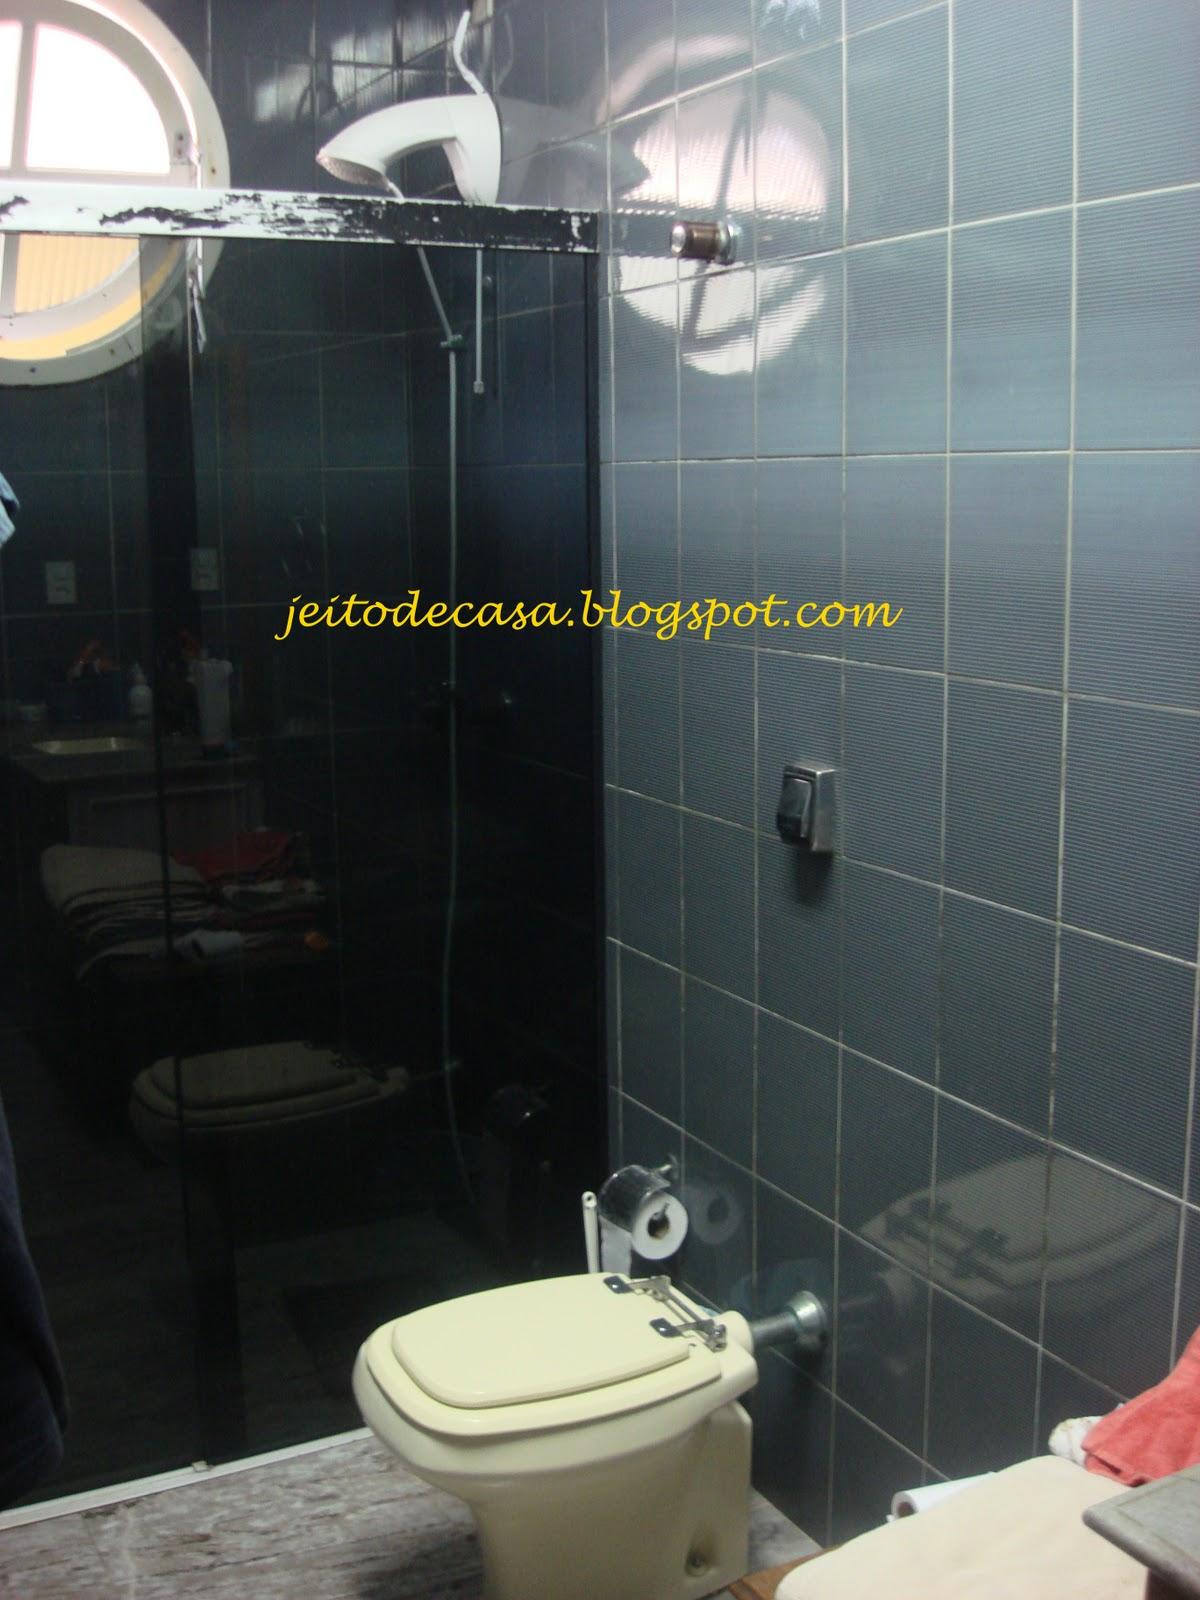 próxima vítima das reformas! Meu banheiro!! Jeito de Casa Blog  #924139 1200x1600 Banheiro Azulejo Pintado